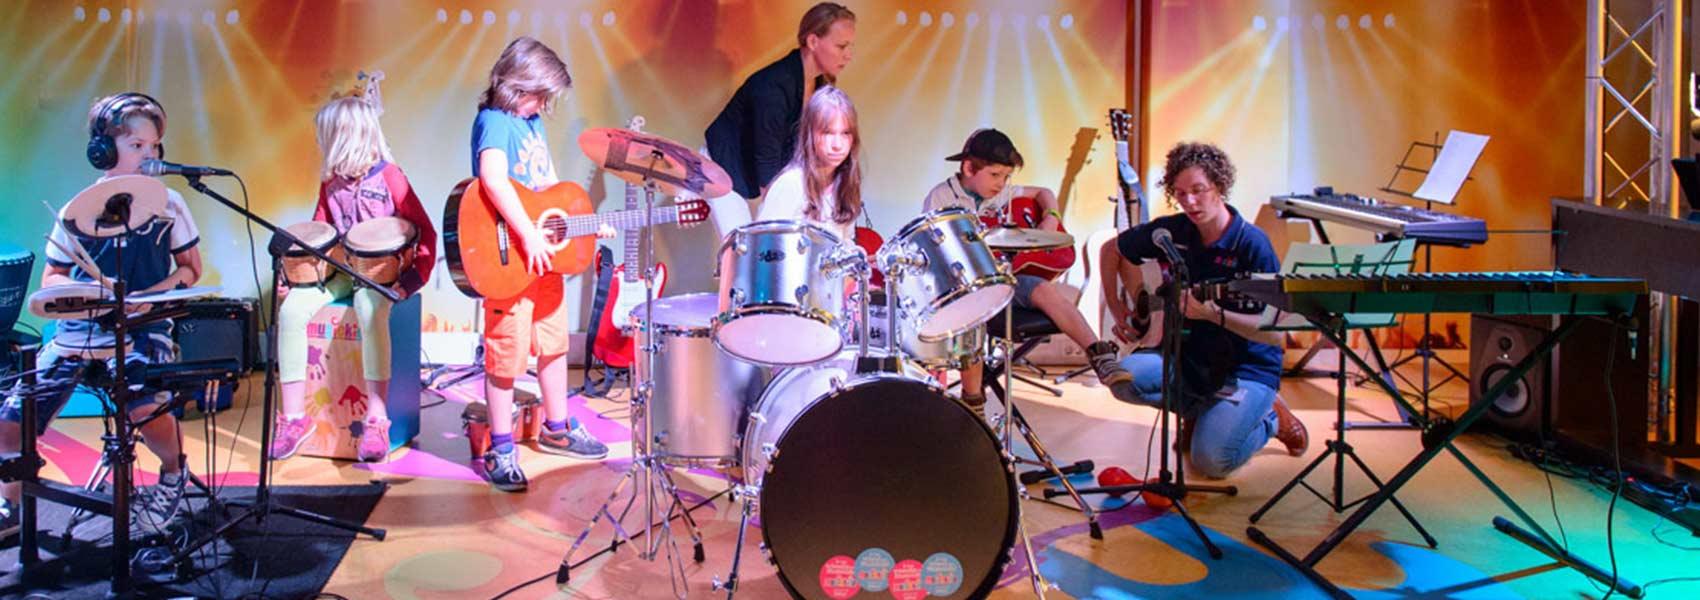 Muziekids-Tilburg